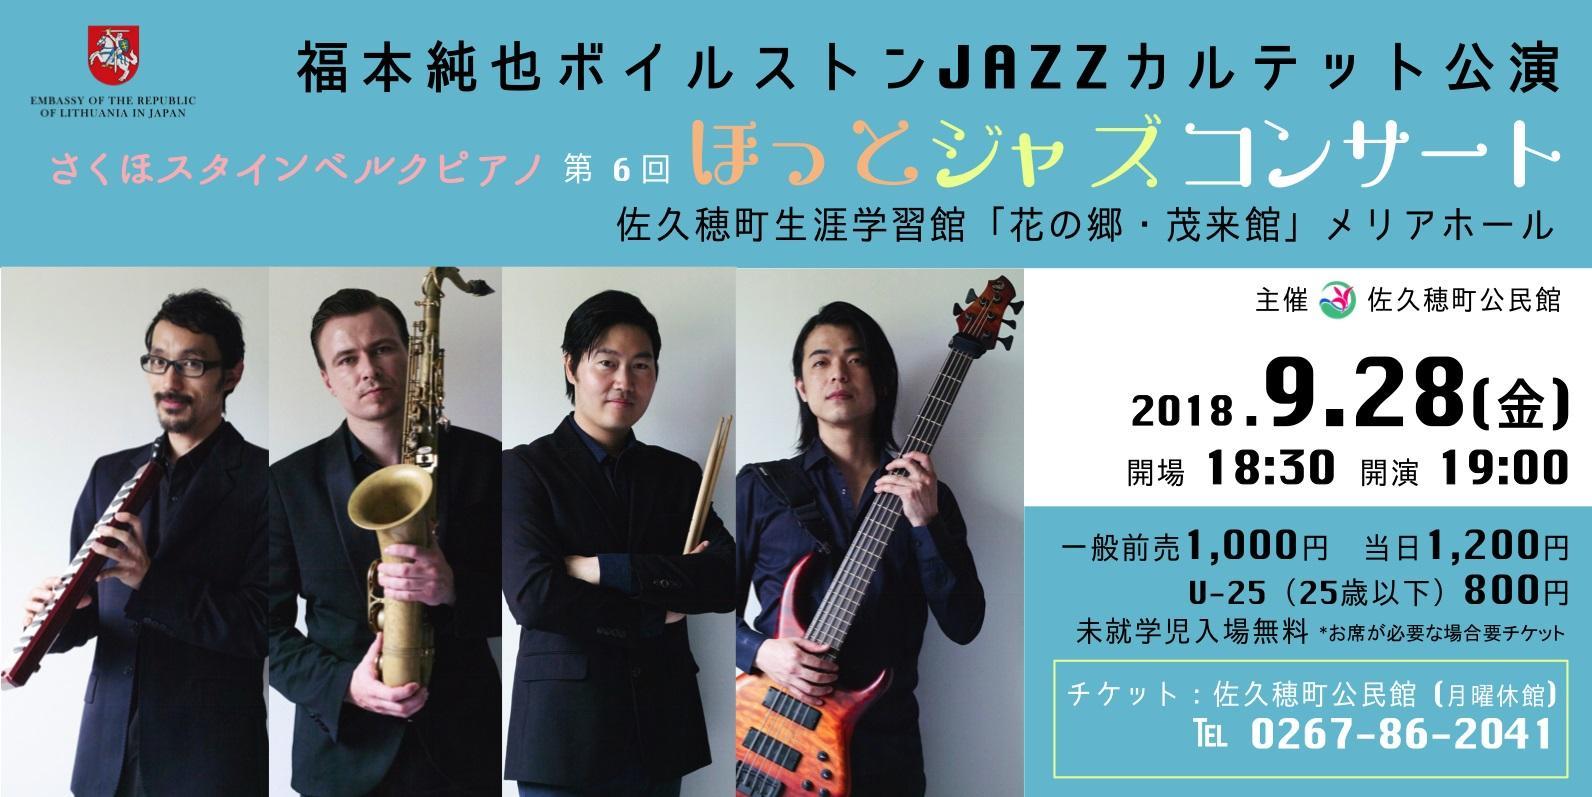 さくほスタインベルクピアノ 第6回ほっとジャズコンサート開催